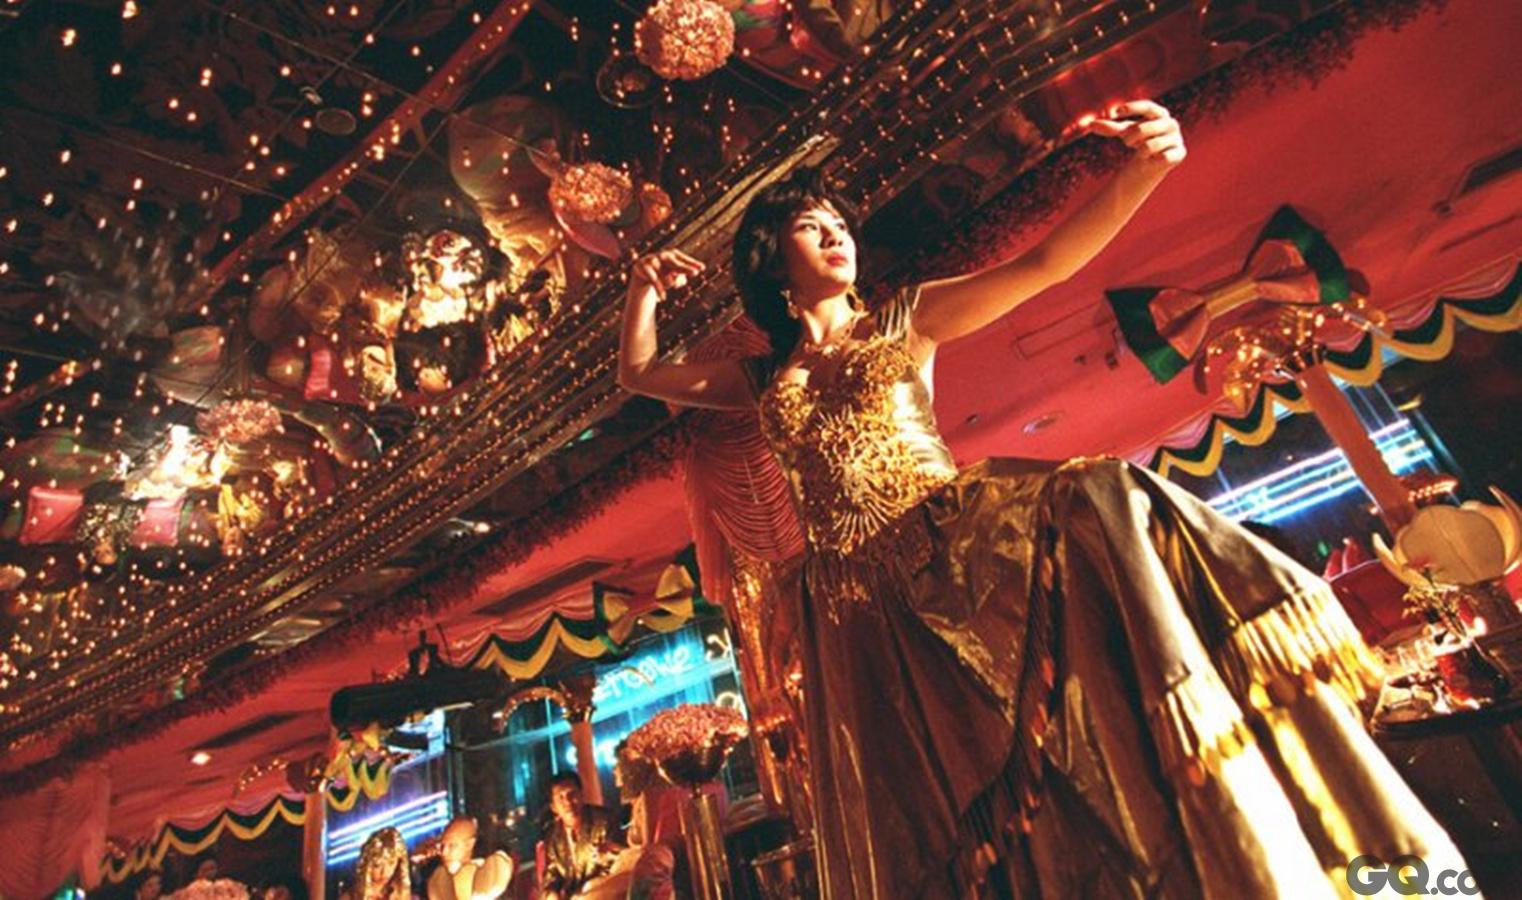 香港艺人吴君如今年凭借港产片《金鸡SSS》获得最佳女主角提名,该片最终获得最佳女配角奖。吴君如认为,香港喜剧曾经在各地拥有大量粉丝,也出品过不少高质量的喜剧。她近期执导和拍摄的香港电影喜剧取得不俗票房,这或许是香港电影的一个发展方向。